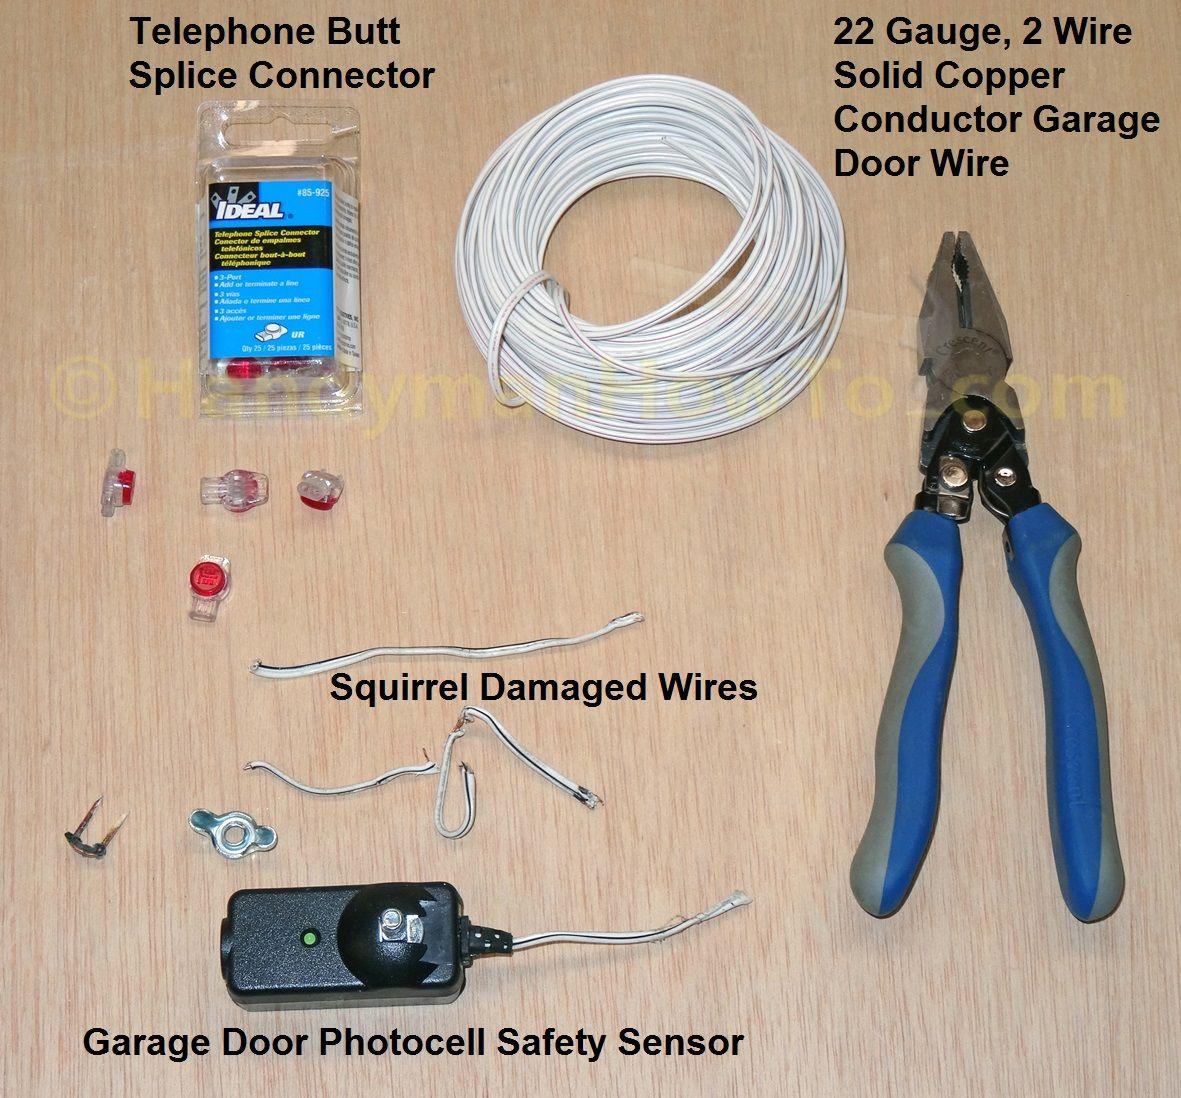 small resolution of garage door safety sensor wire repair butt splice connectors mix garage door wiring 3 wire